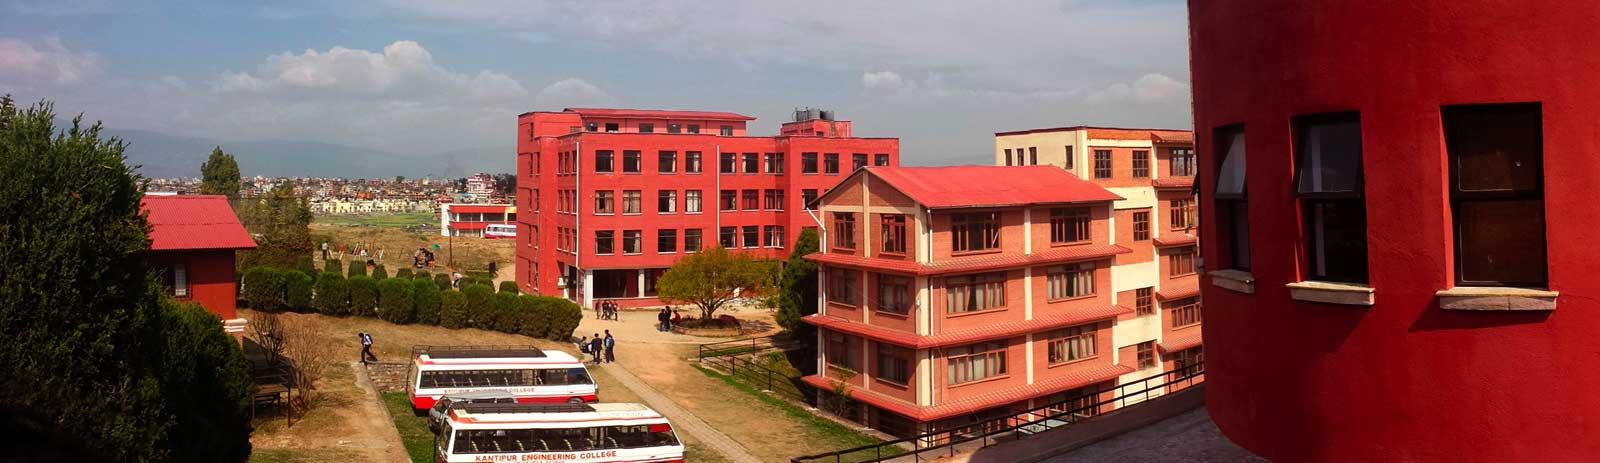 Kantipur Engineering College